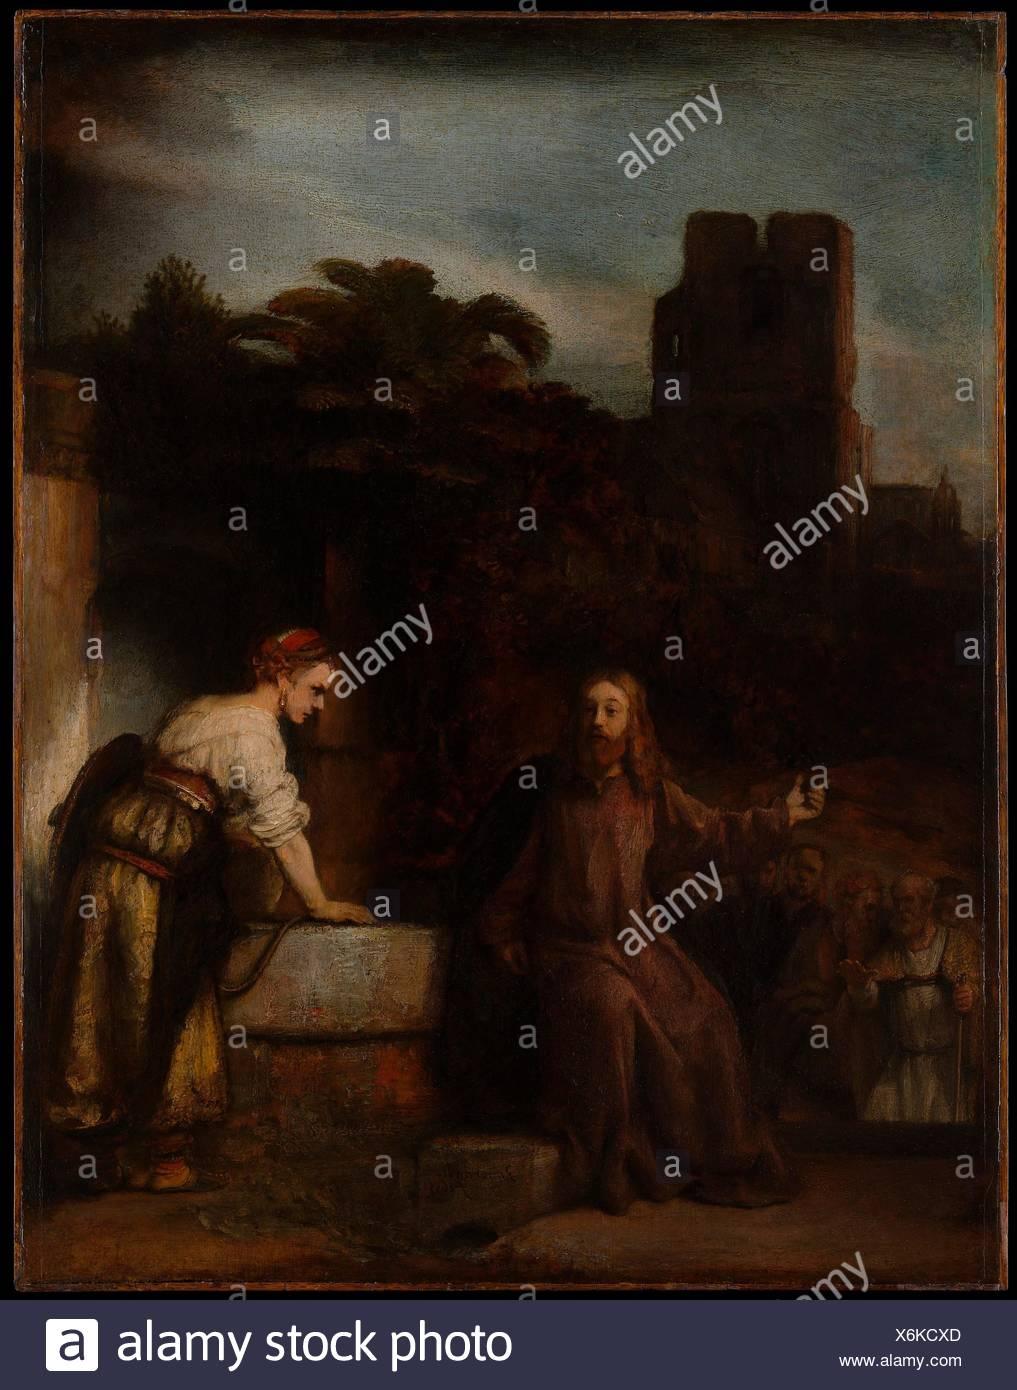 Le Christ et la femme de Samarie. Artiste: style de Rembrandt (Néerlandais, ca. 1655); Technique: Huile sur bois; Dimensions: 25 x 19 1/4 in. (63,5 x 48,9 cm); Banque D'Images